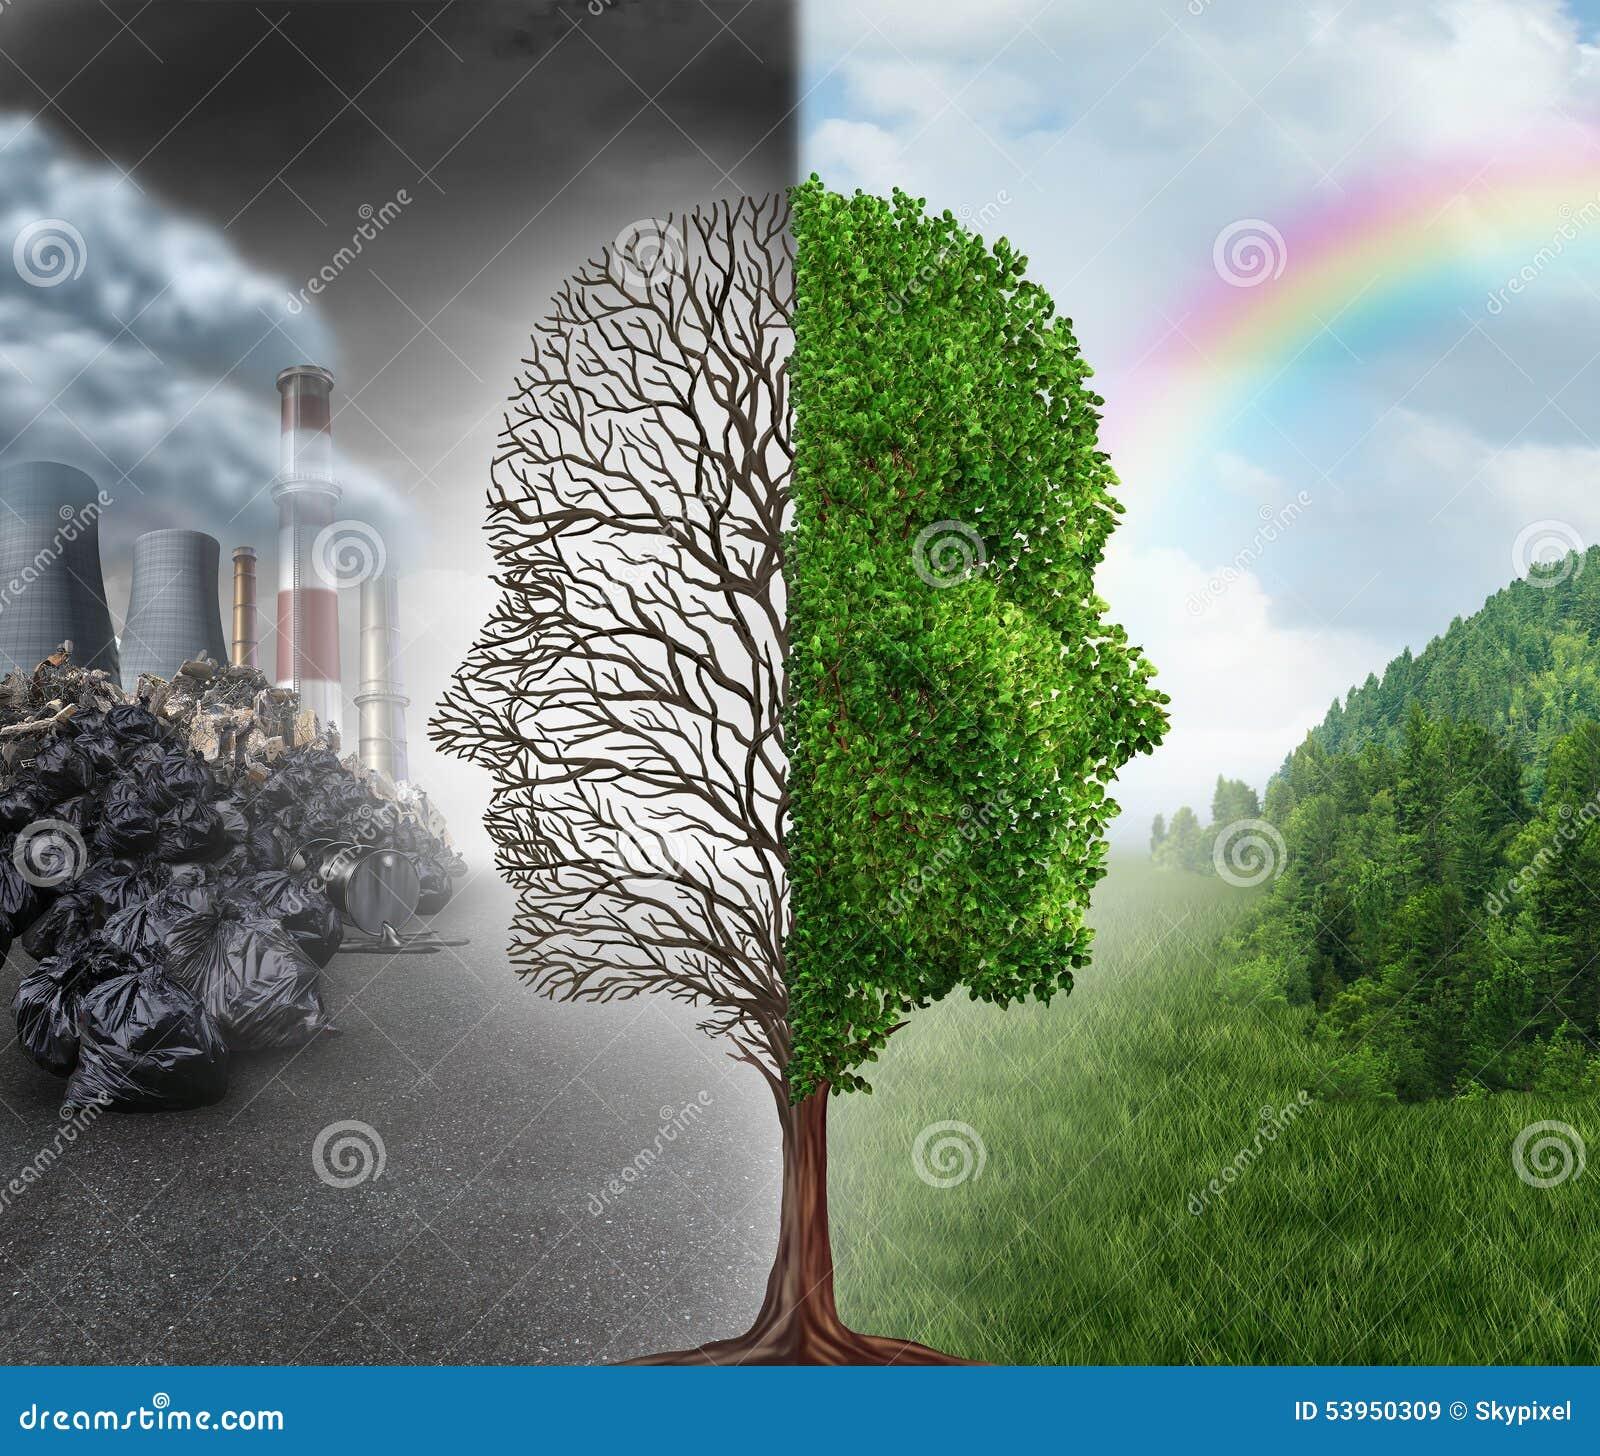 Środowisko zmiana